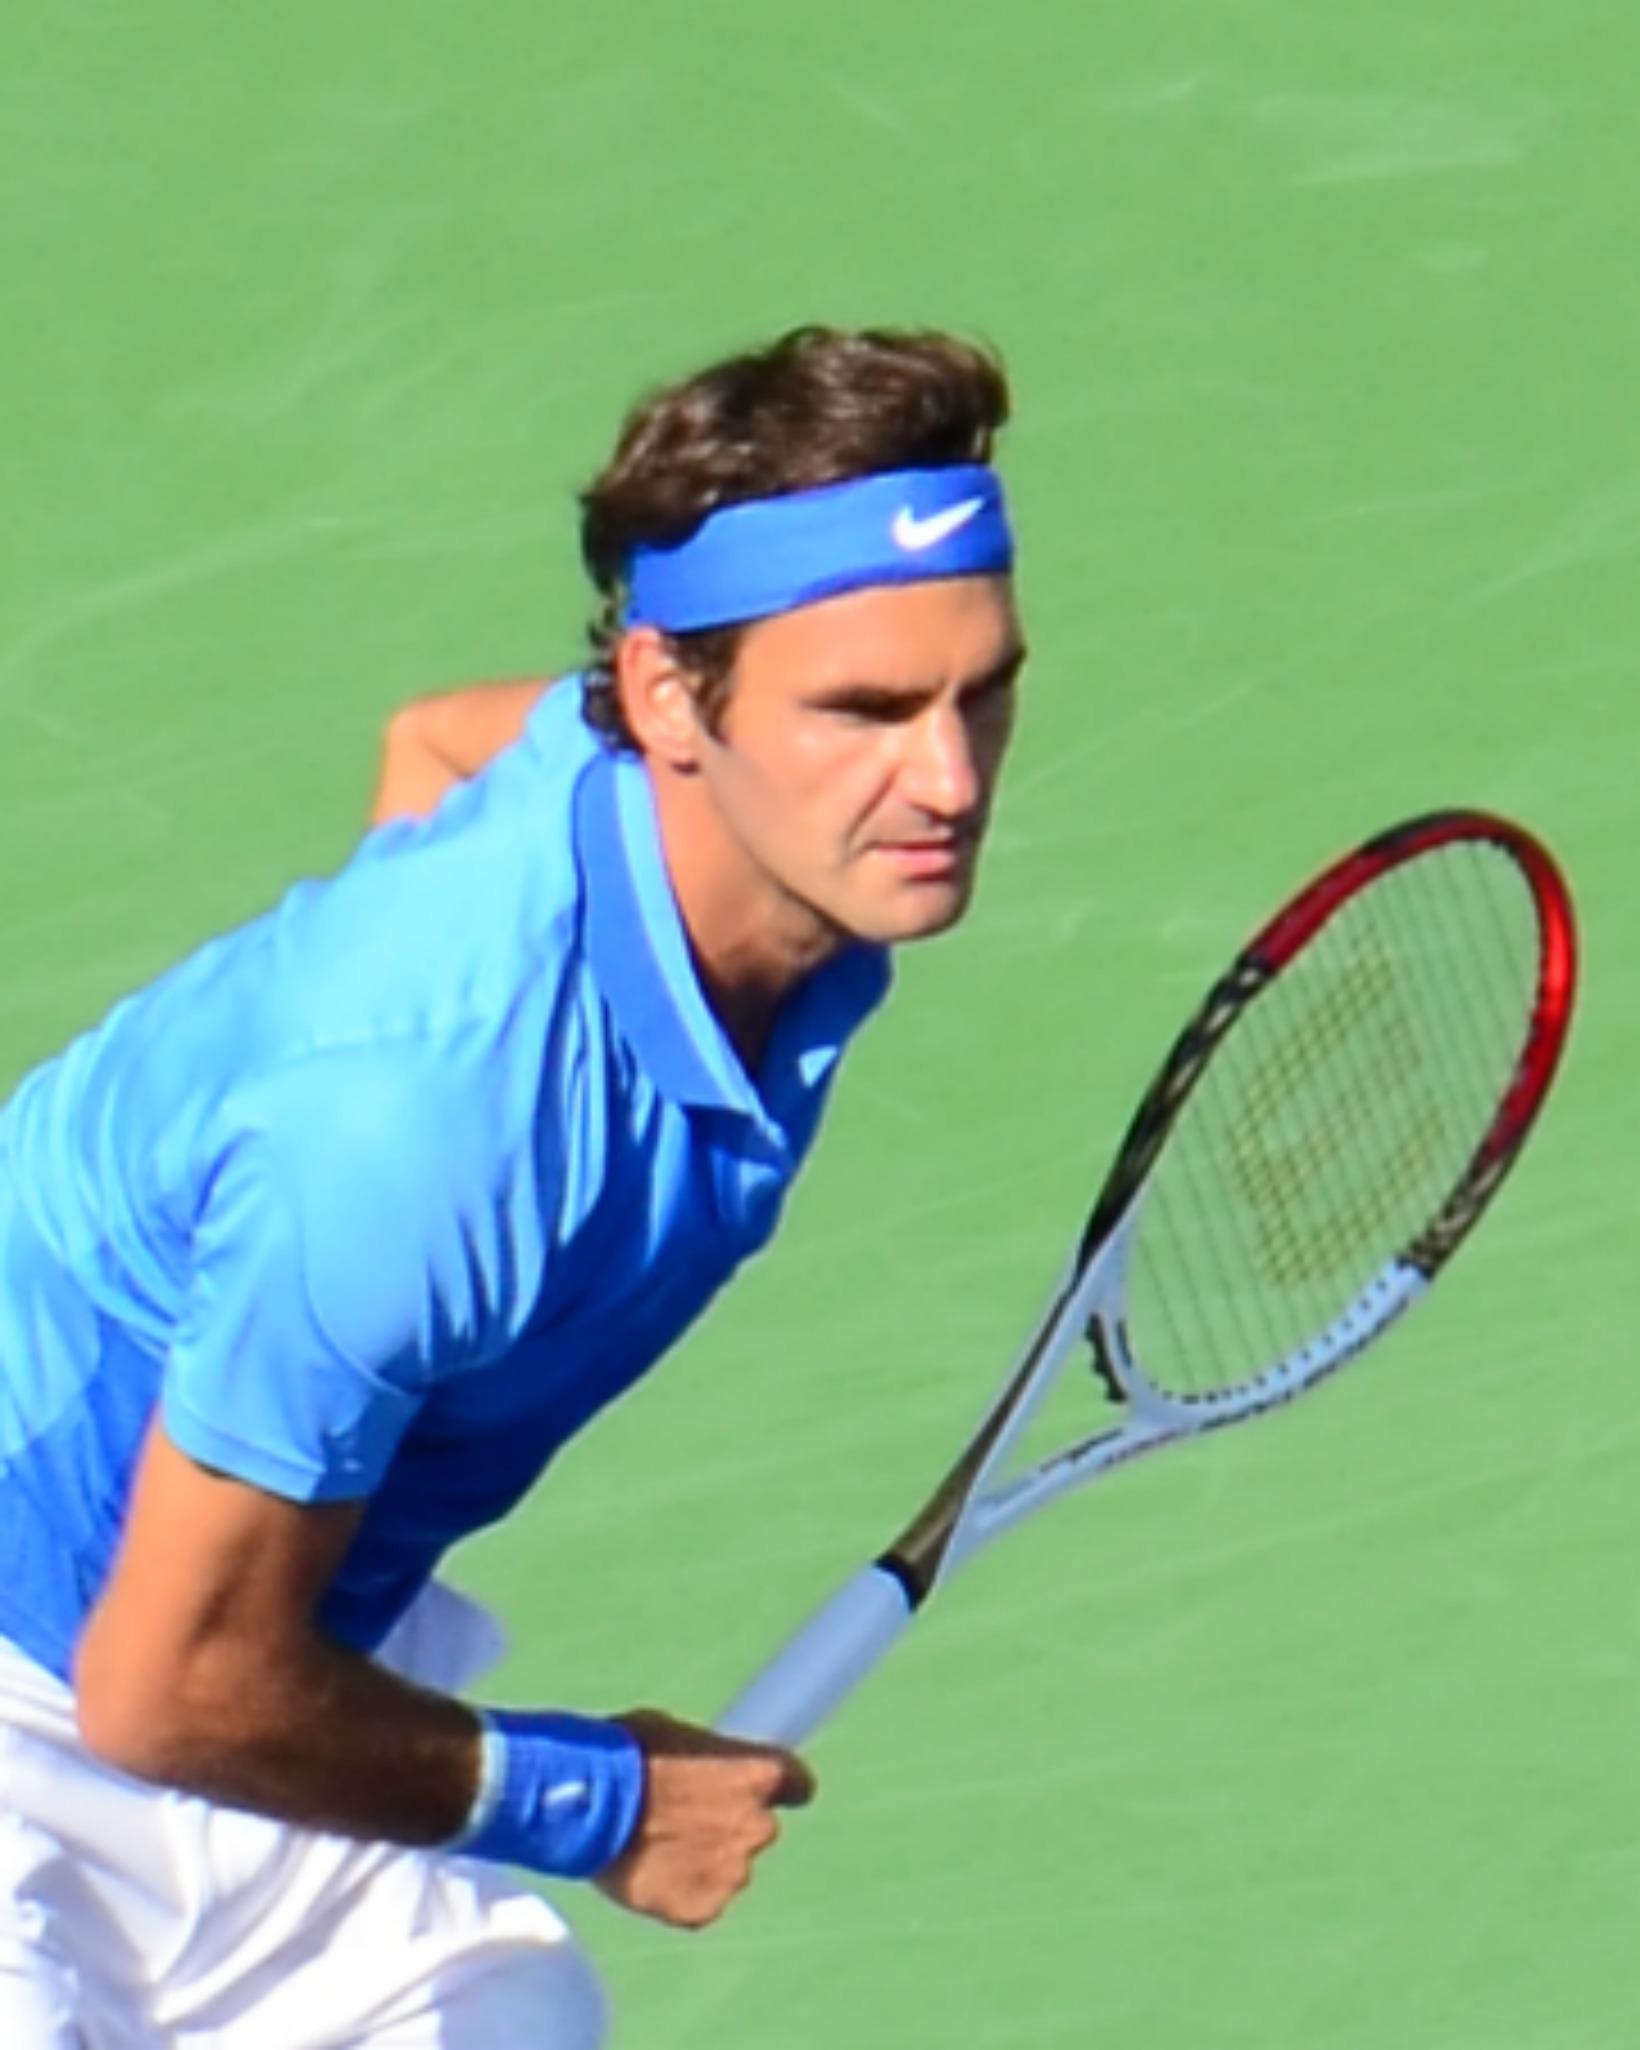 Roger Federer: 2013 ATP World Tour Finals